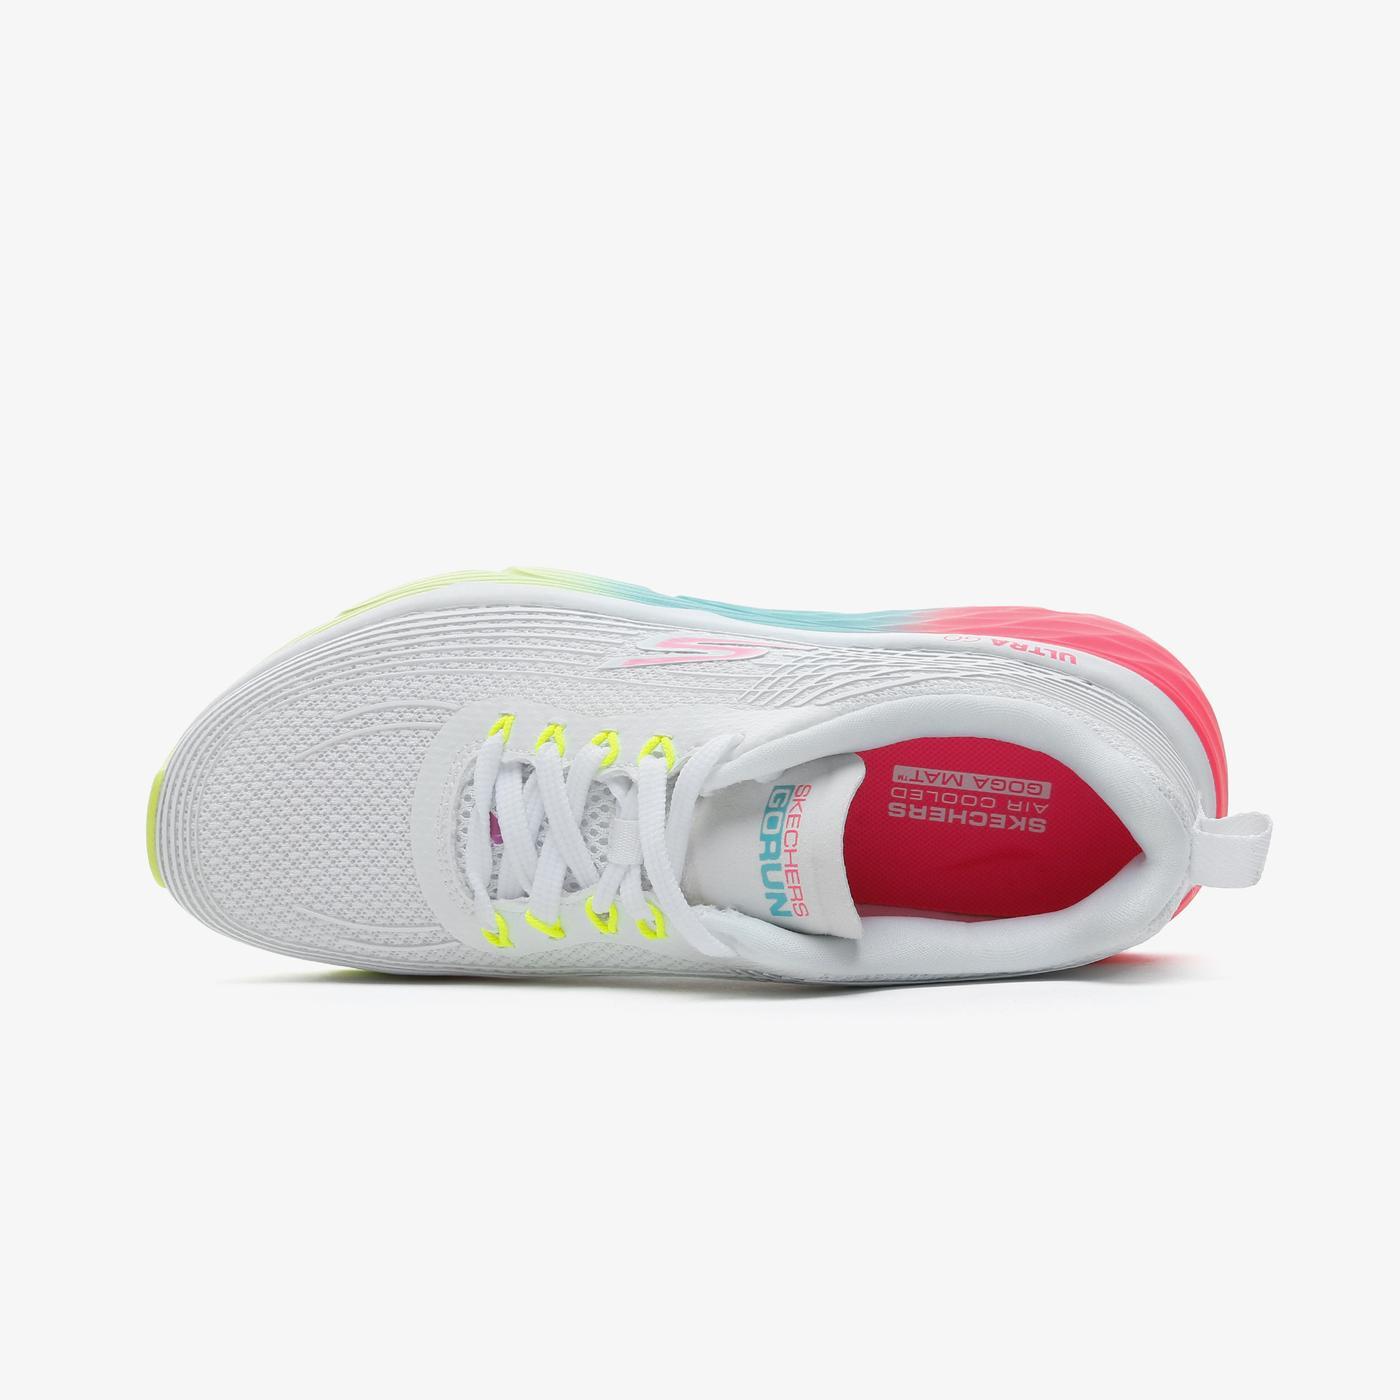 Skechers Max Cushioning Elite - Prism Kadın Beyaz Spor Ayakkabı